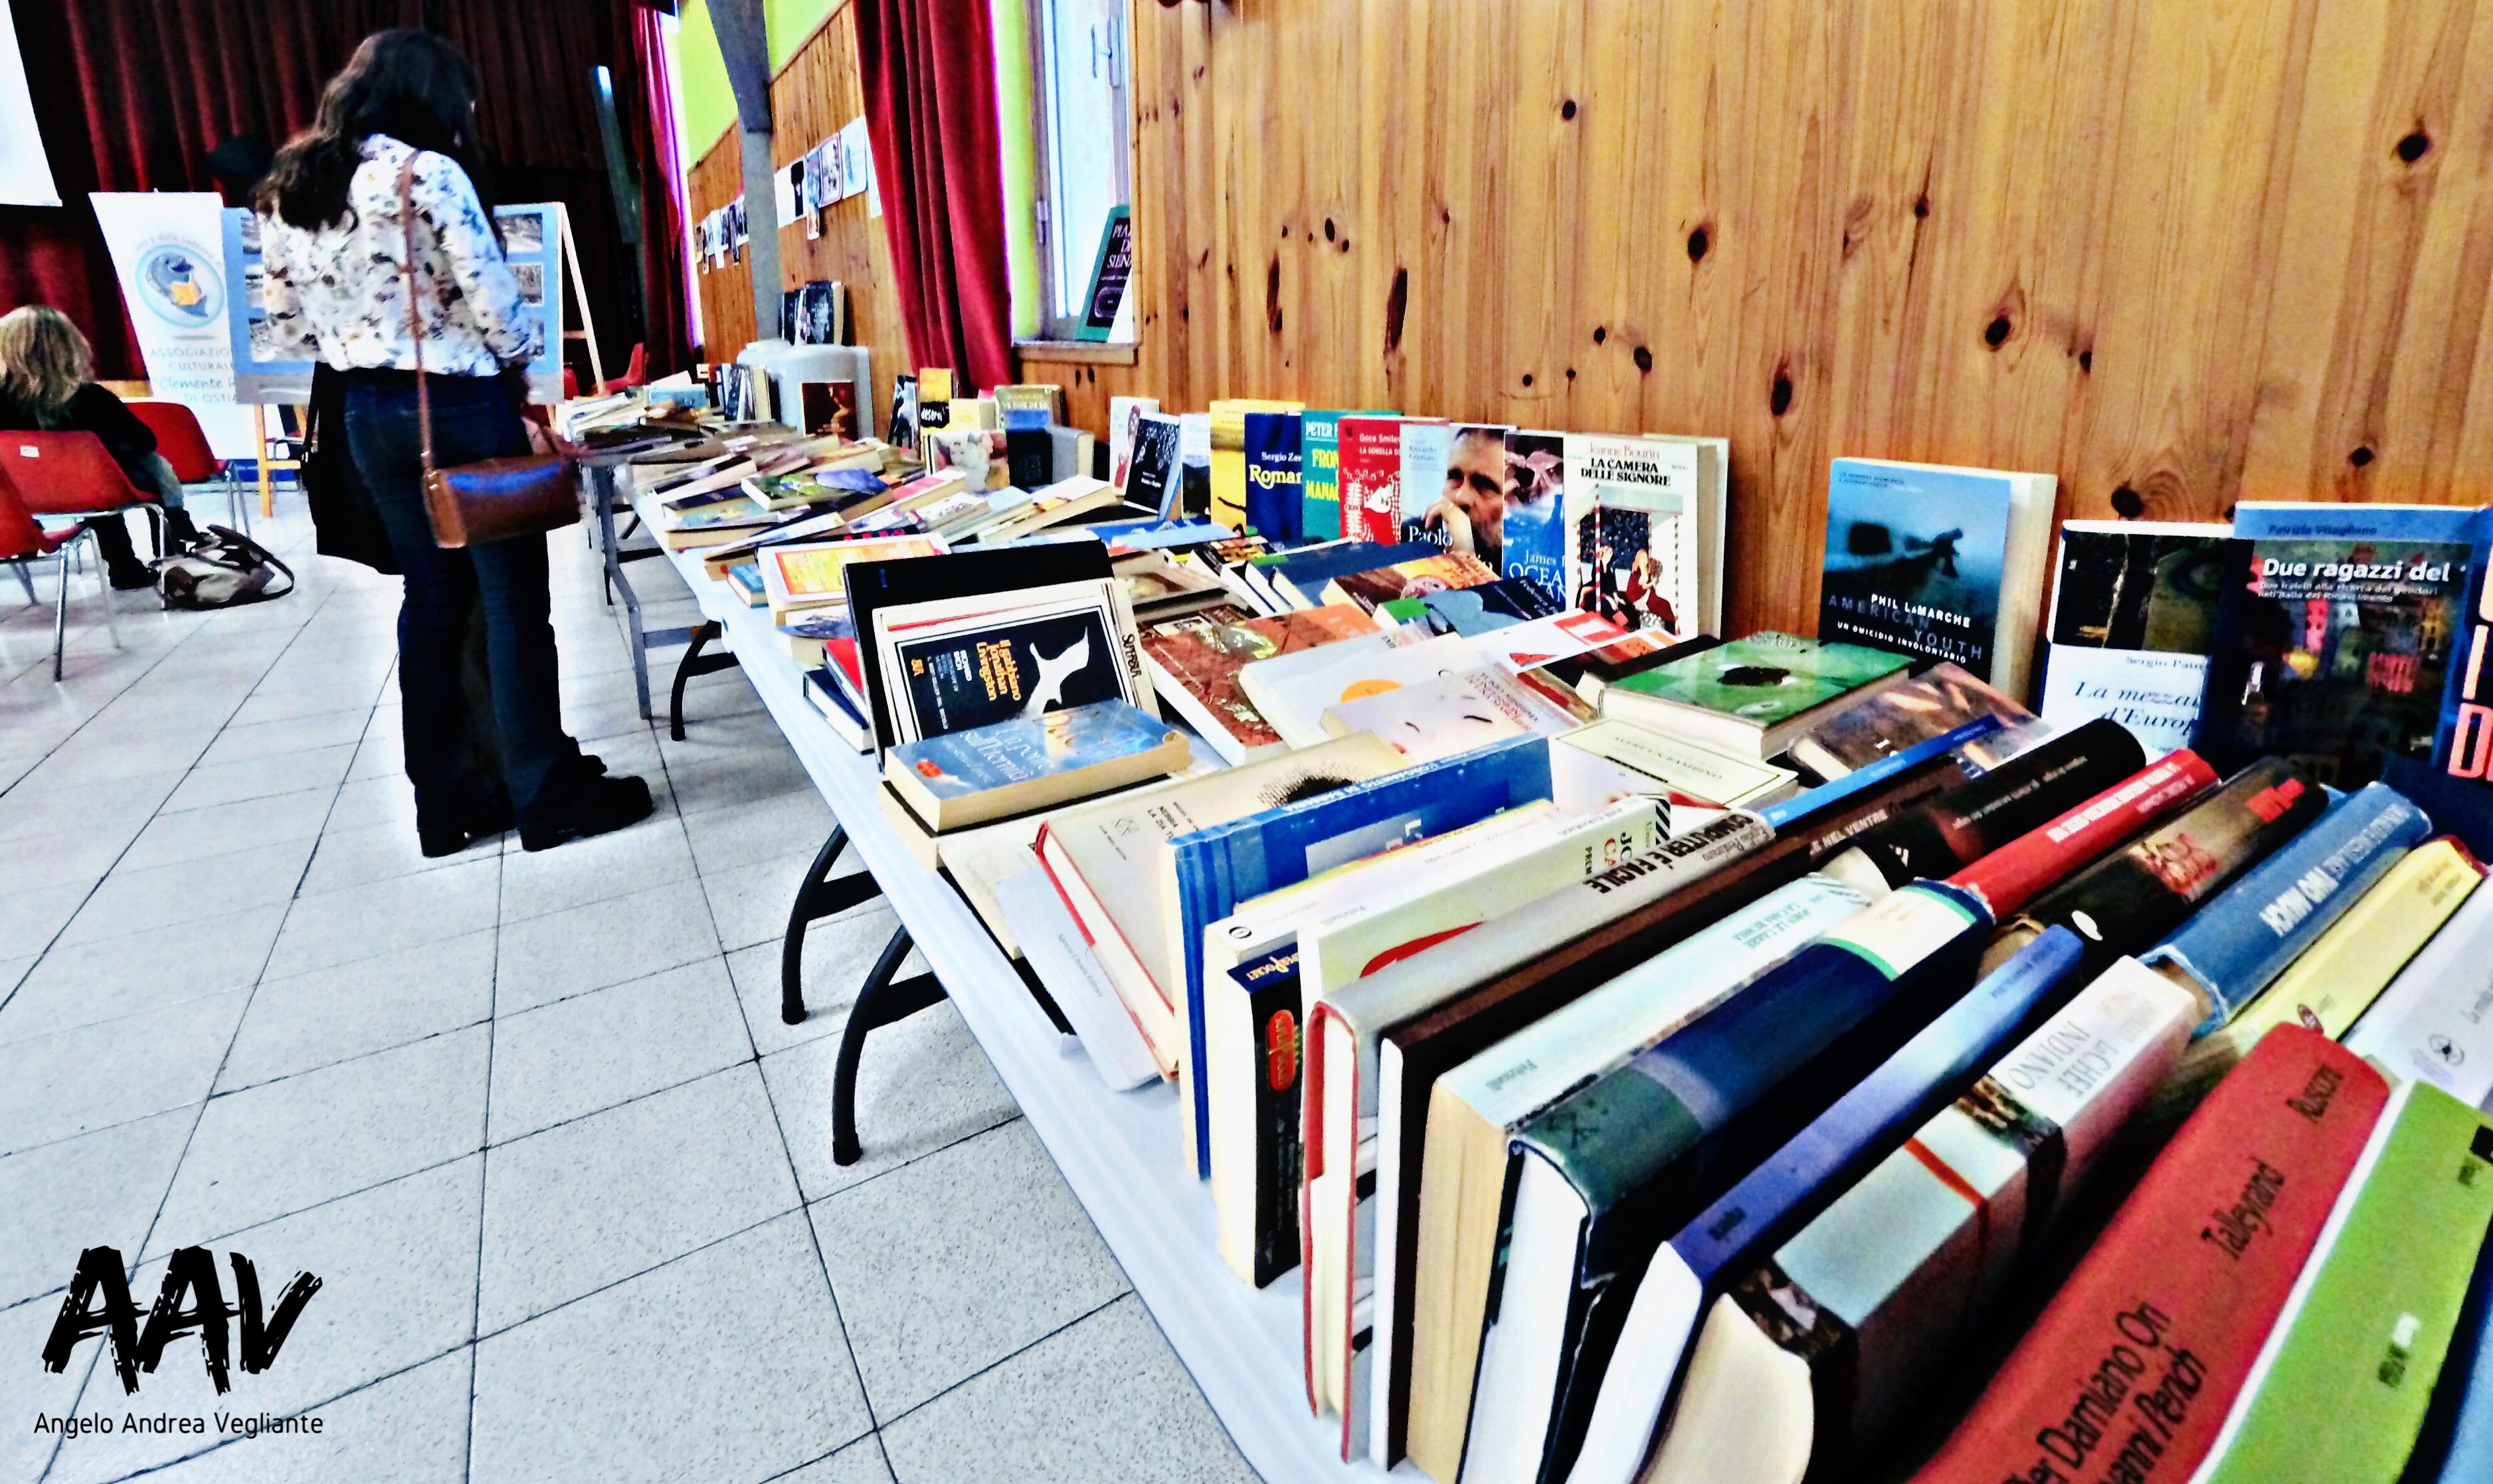 riscoperta-libro-festa-ostia-vegliante-bancarella